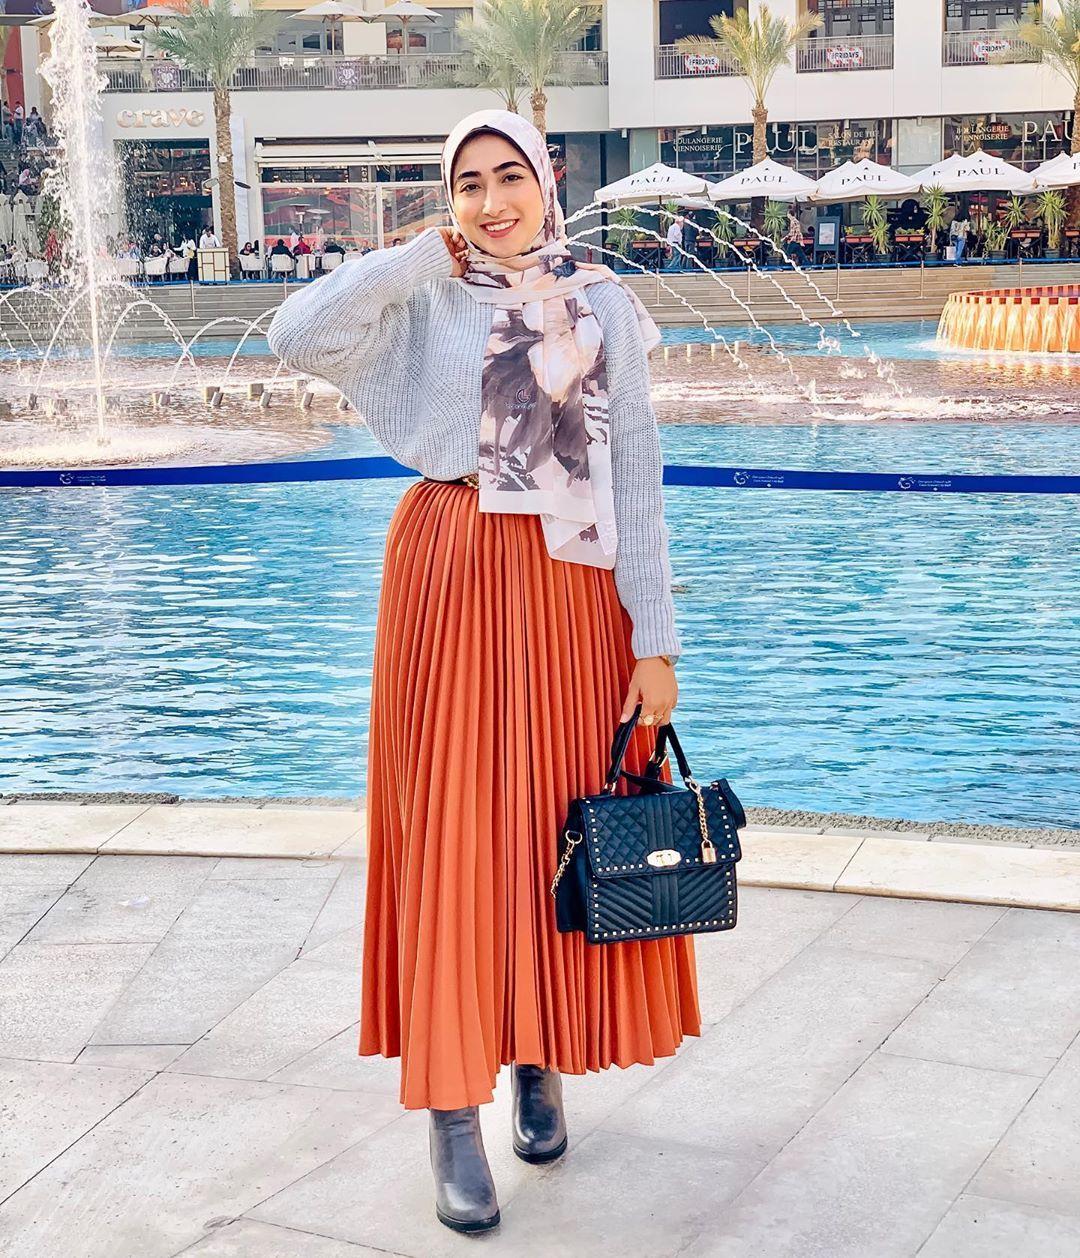 15 3k Likes 335 Comments Esraa Mostafa إسراء م صطفى Esraamostafaofficial On Instagram انا مش هتك Muslim Fashion Dress Muslim Fashion Hijab Fashion